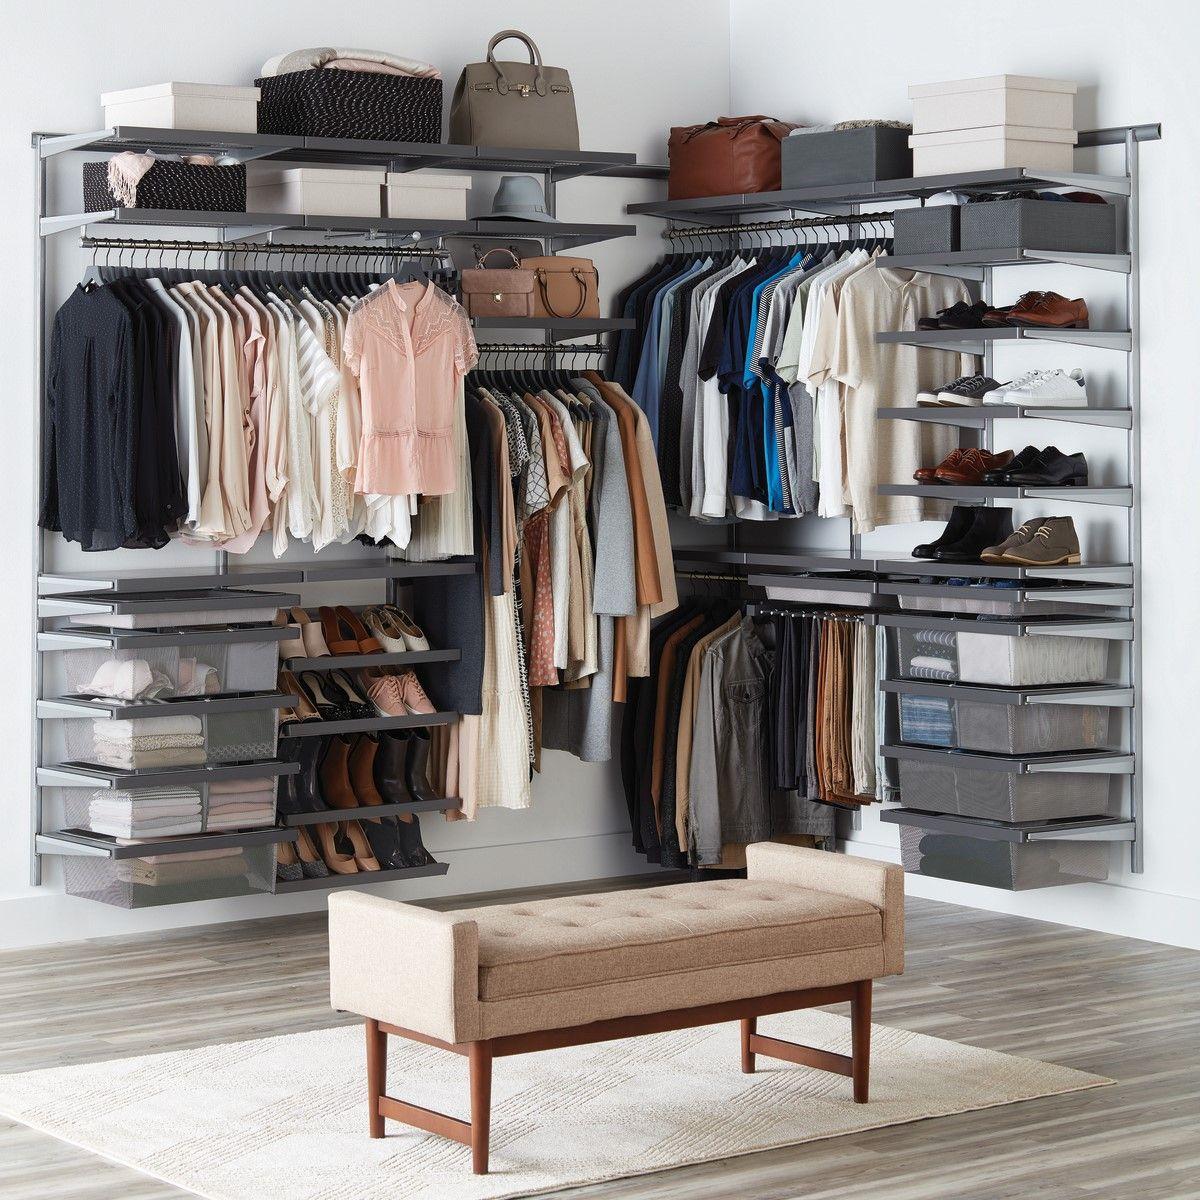 Custom Elfa Decor Master Walk-in Closet in Grey and Platinum Visit